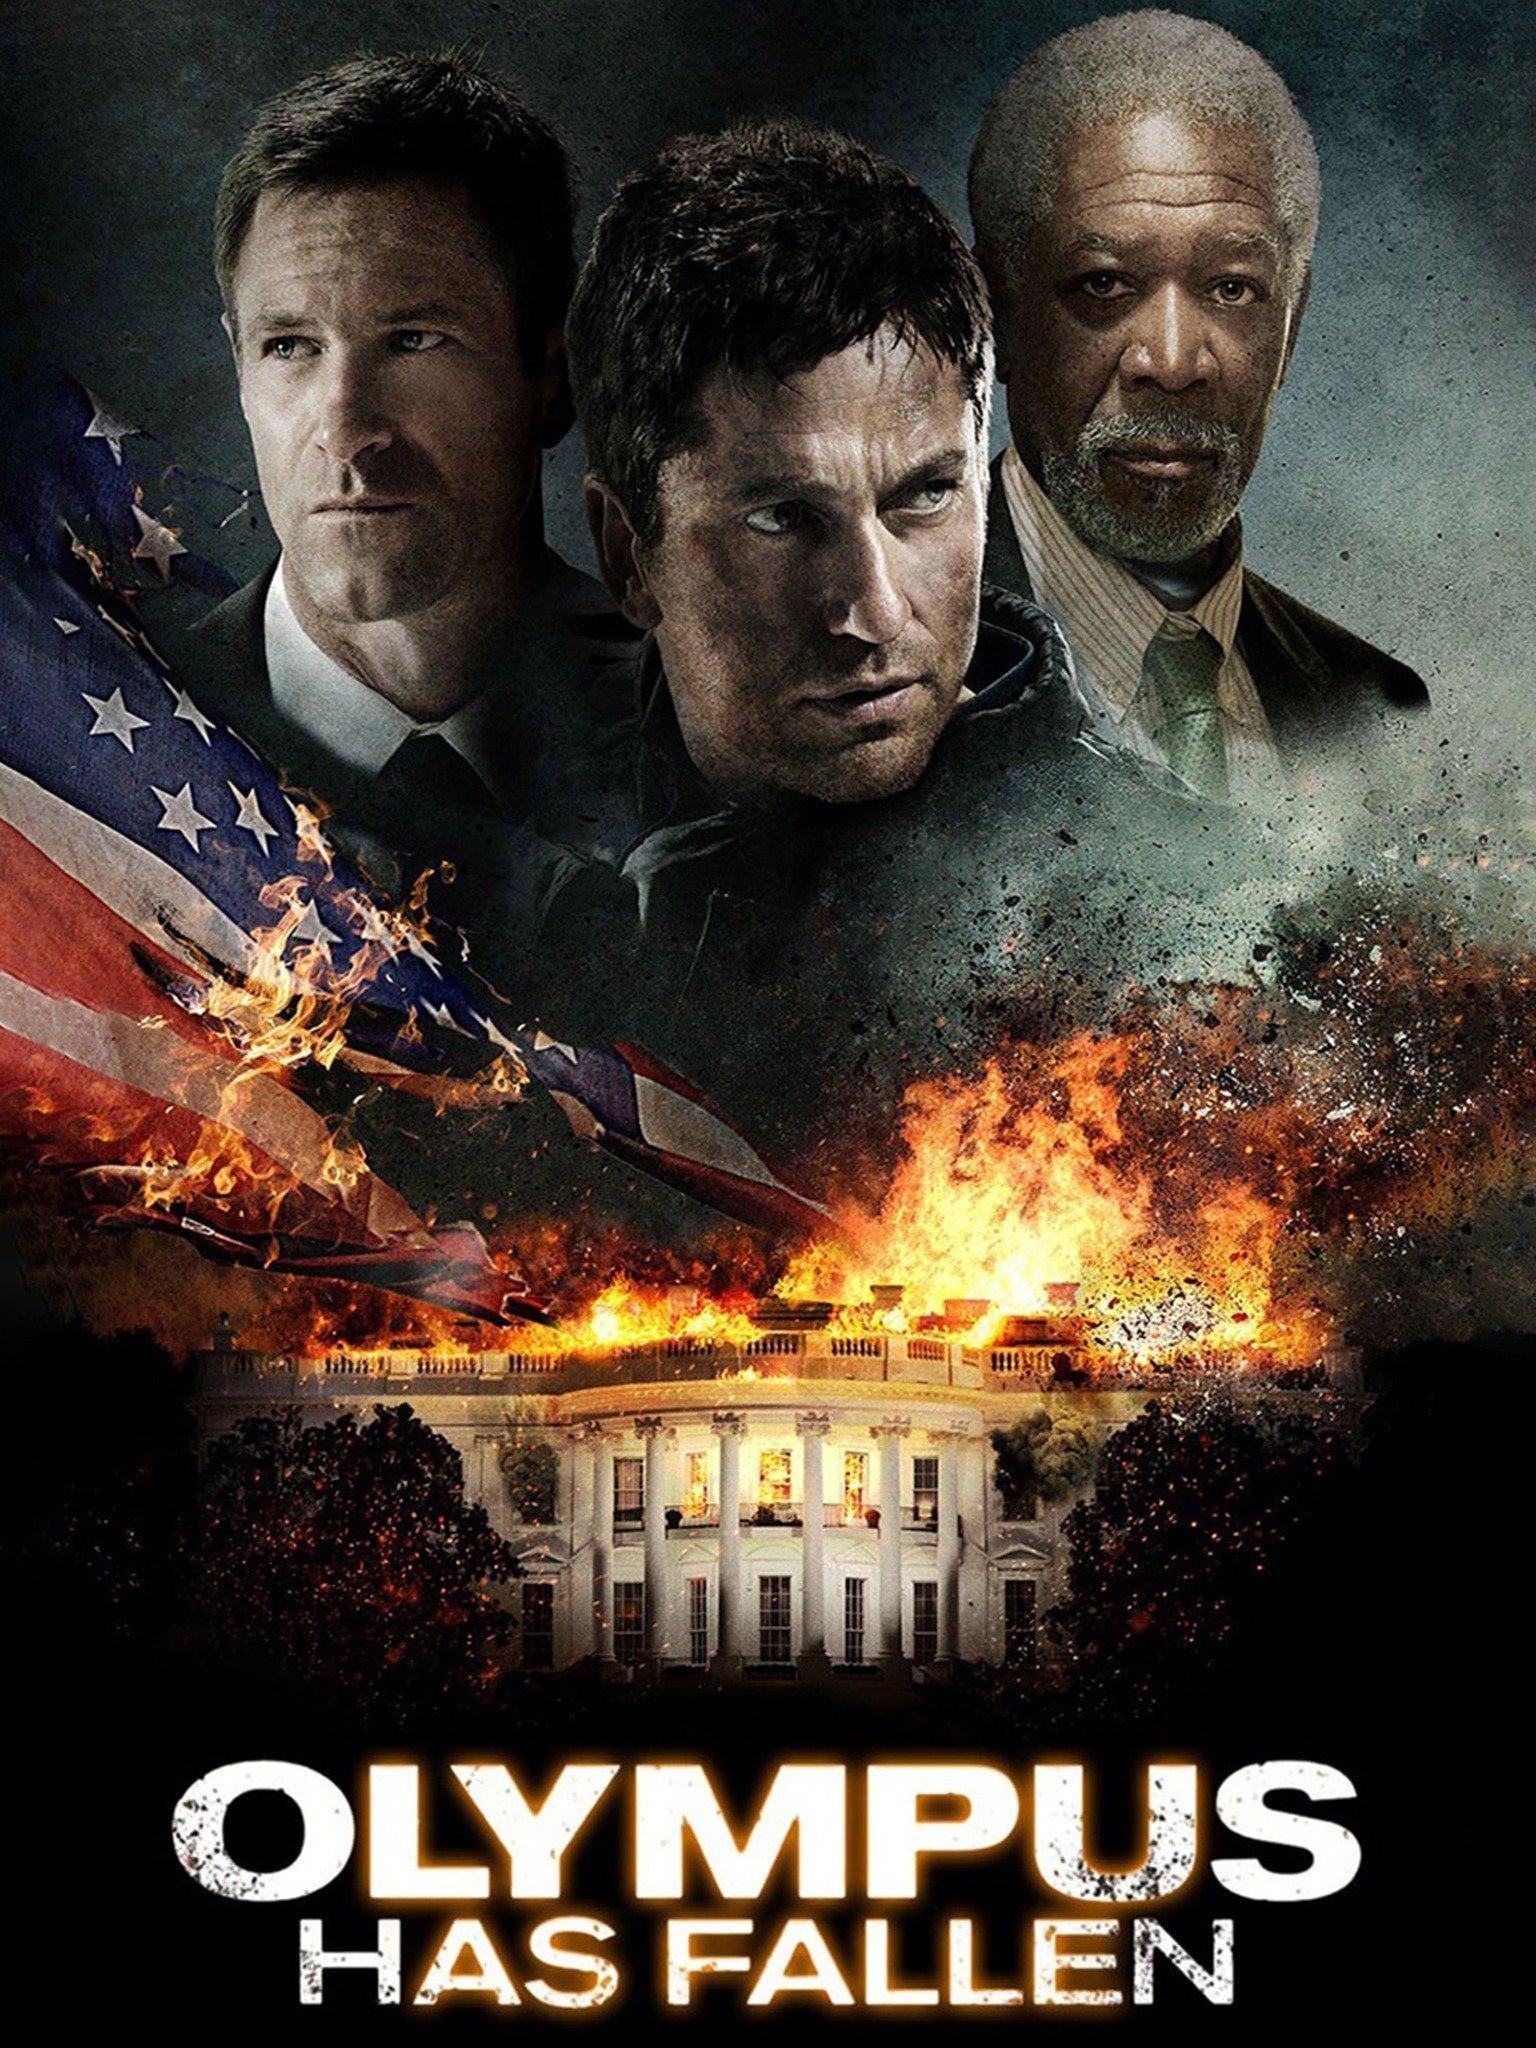 La Chute De Londre Streaming : chute, londre, streaming, Olympus, Fallen, (2013), Rotten, Tomatoes